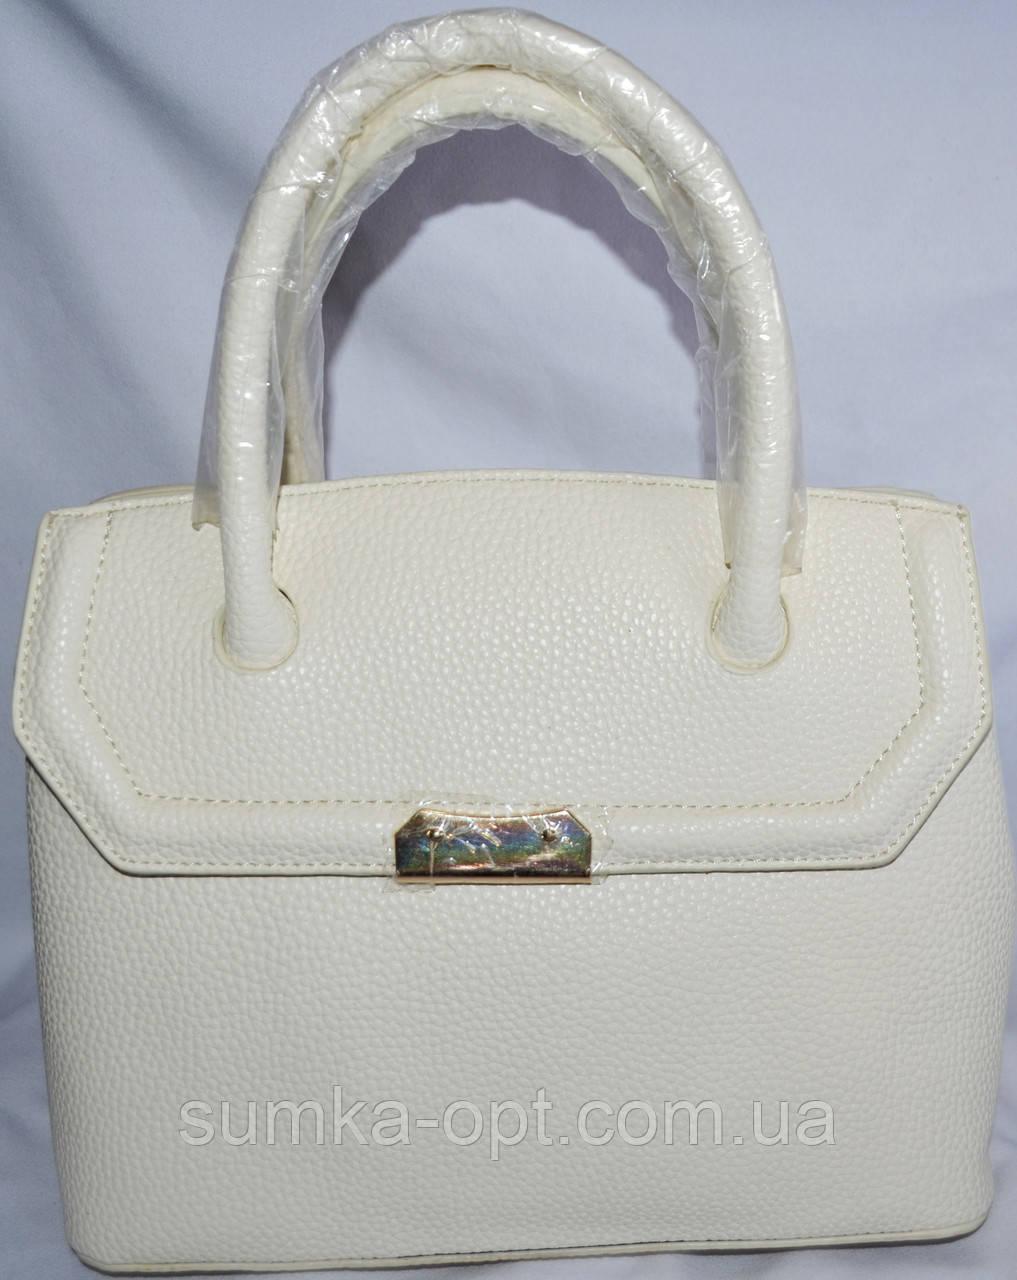 e22265120590 Женские стильные маленькие сумки (белый)21*26: продажа, цена в ...